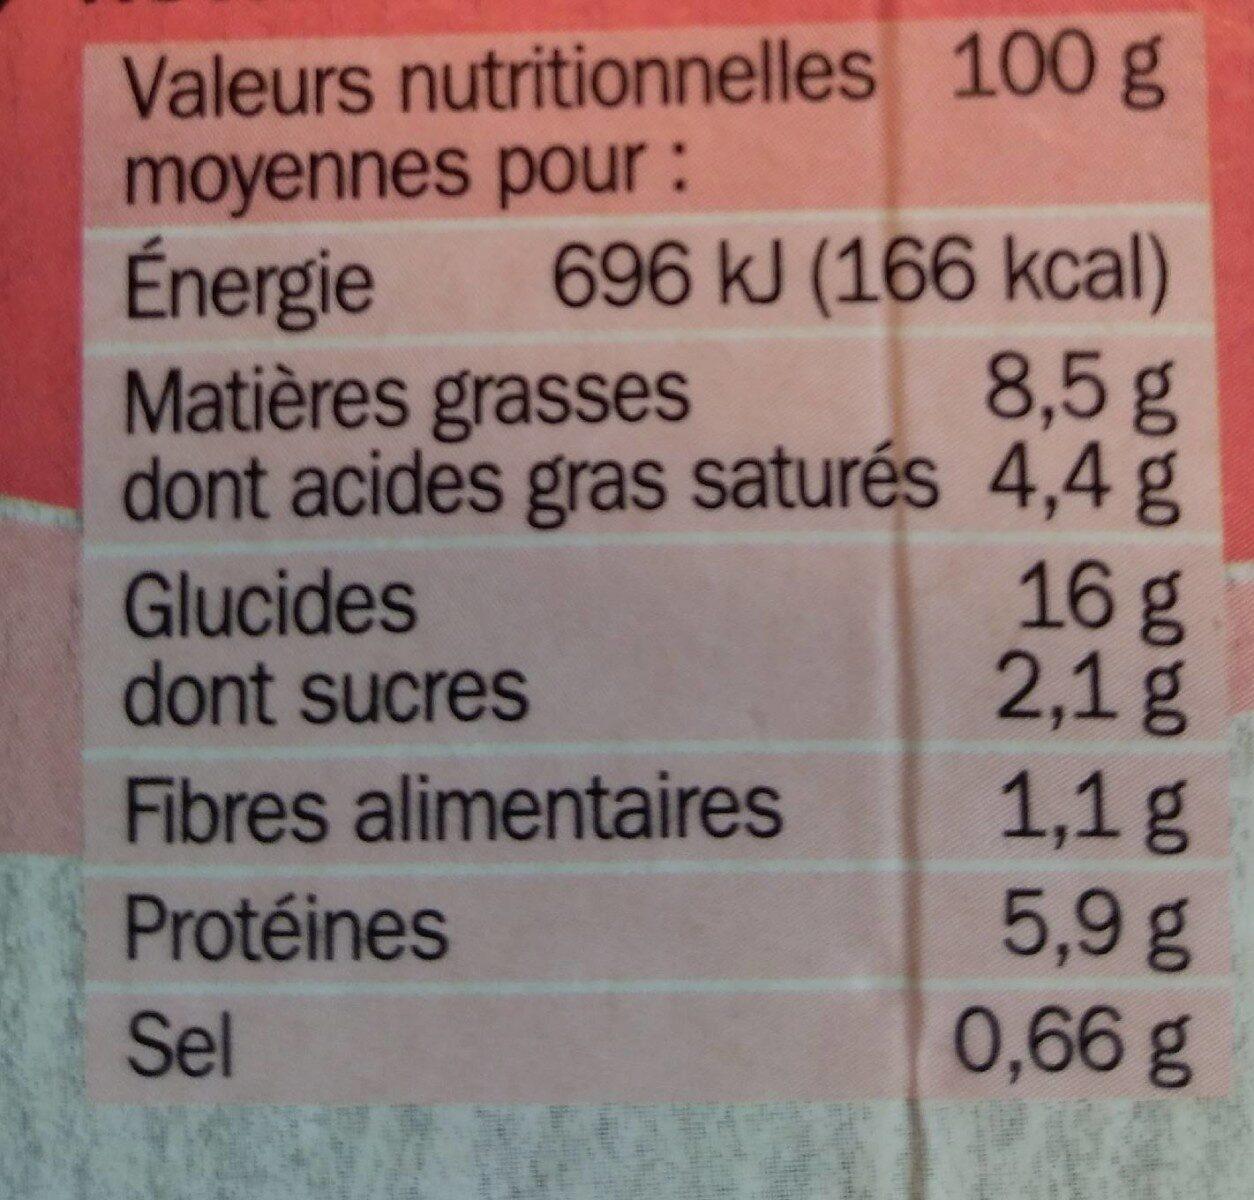 Fusilli à la Carbonara - Nutrition facts - fr